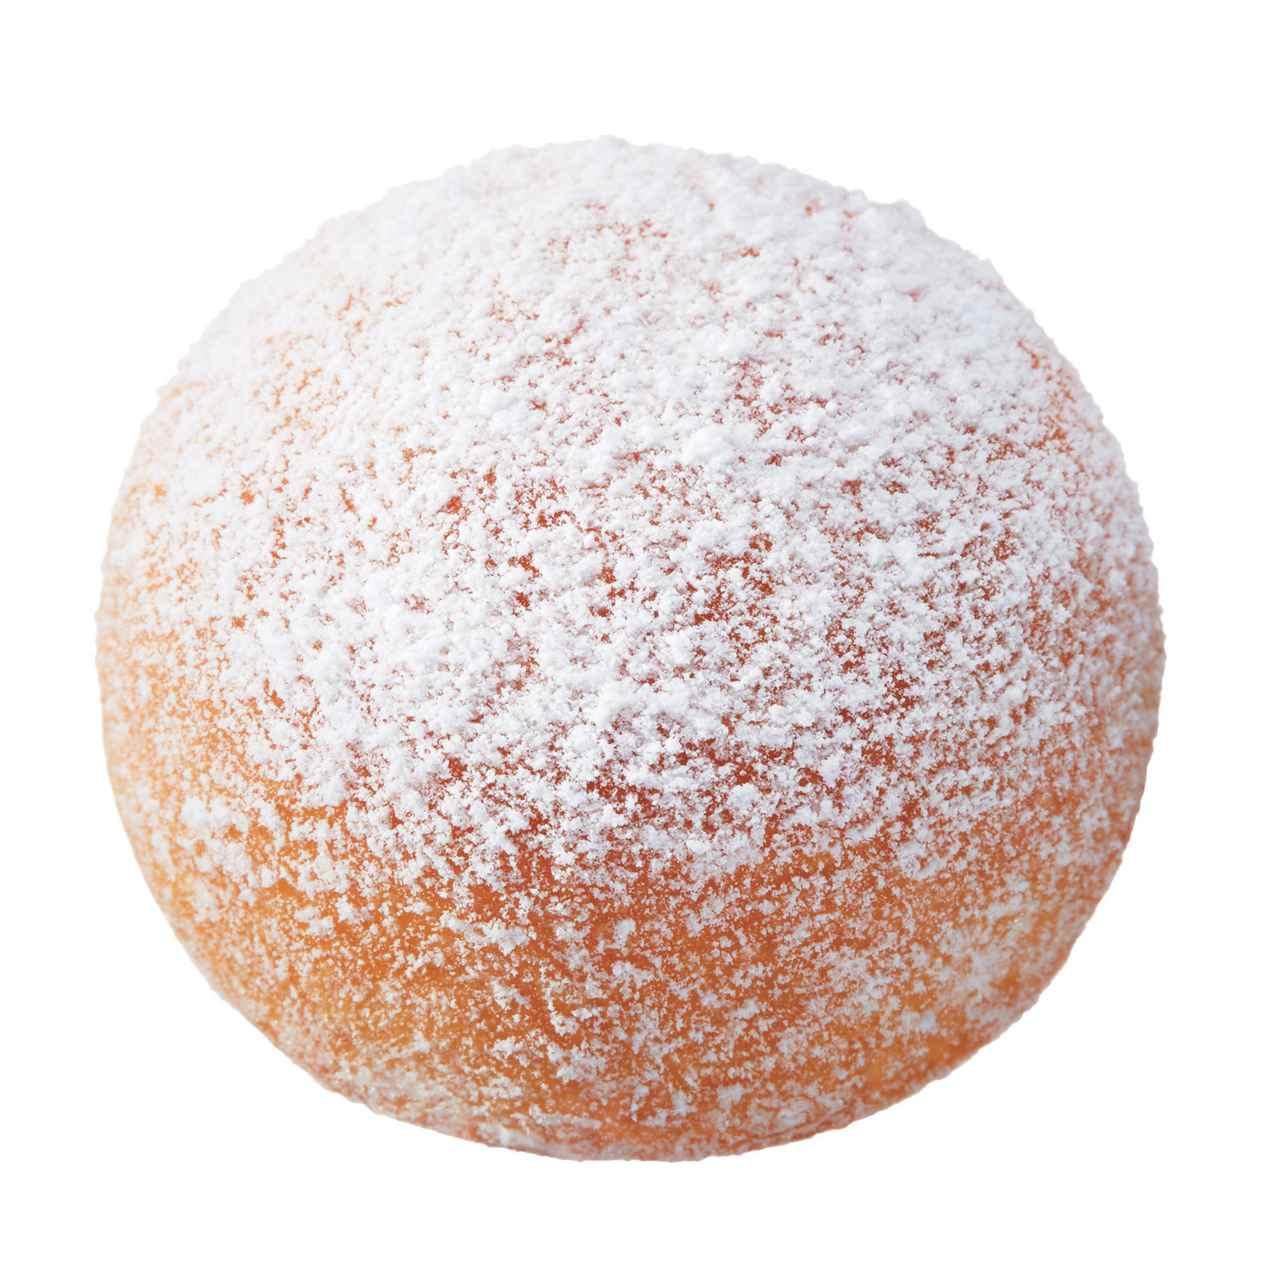 画像: ●エンゼルクリームボール(継続販売) ふんわりとしたイースト生地のドーナツに、ホイップクリームを詰め、シュガーをまぶしました。